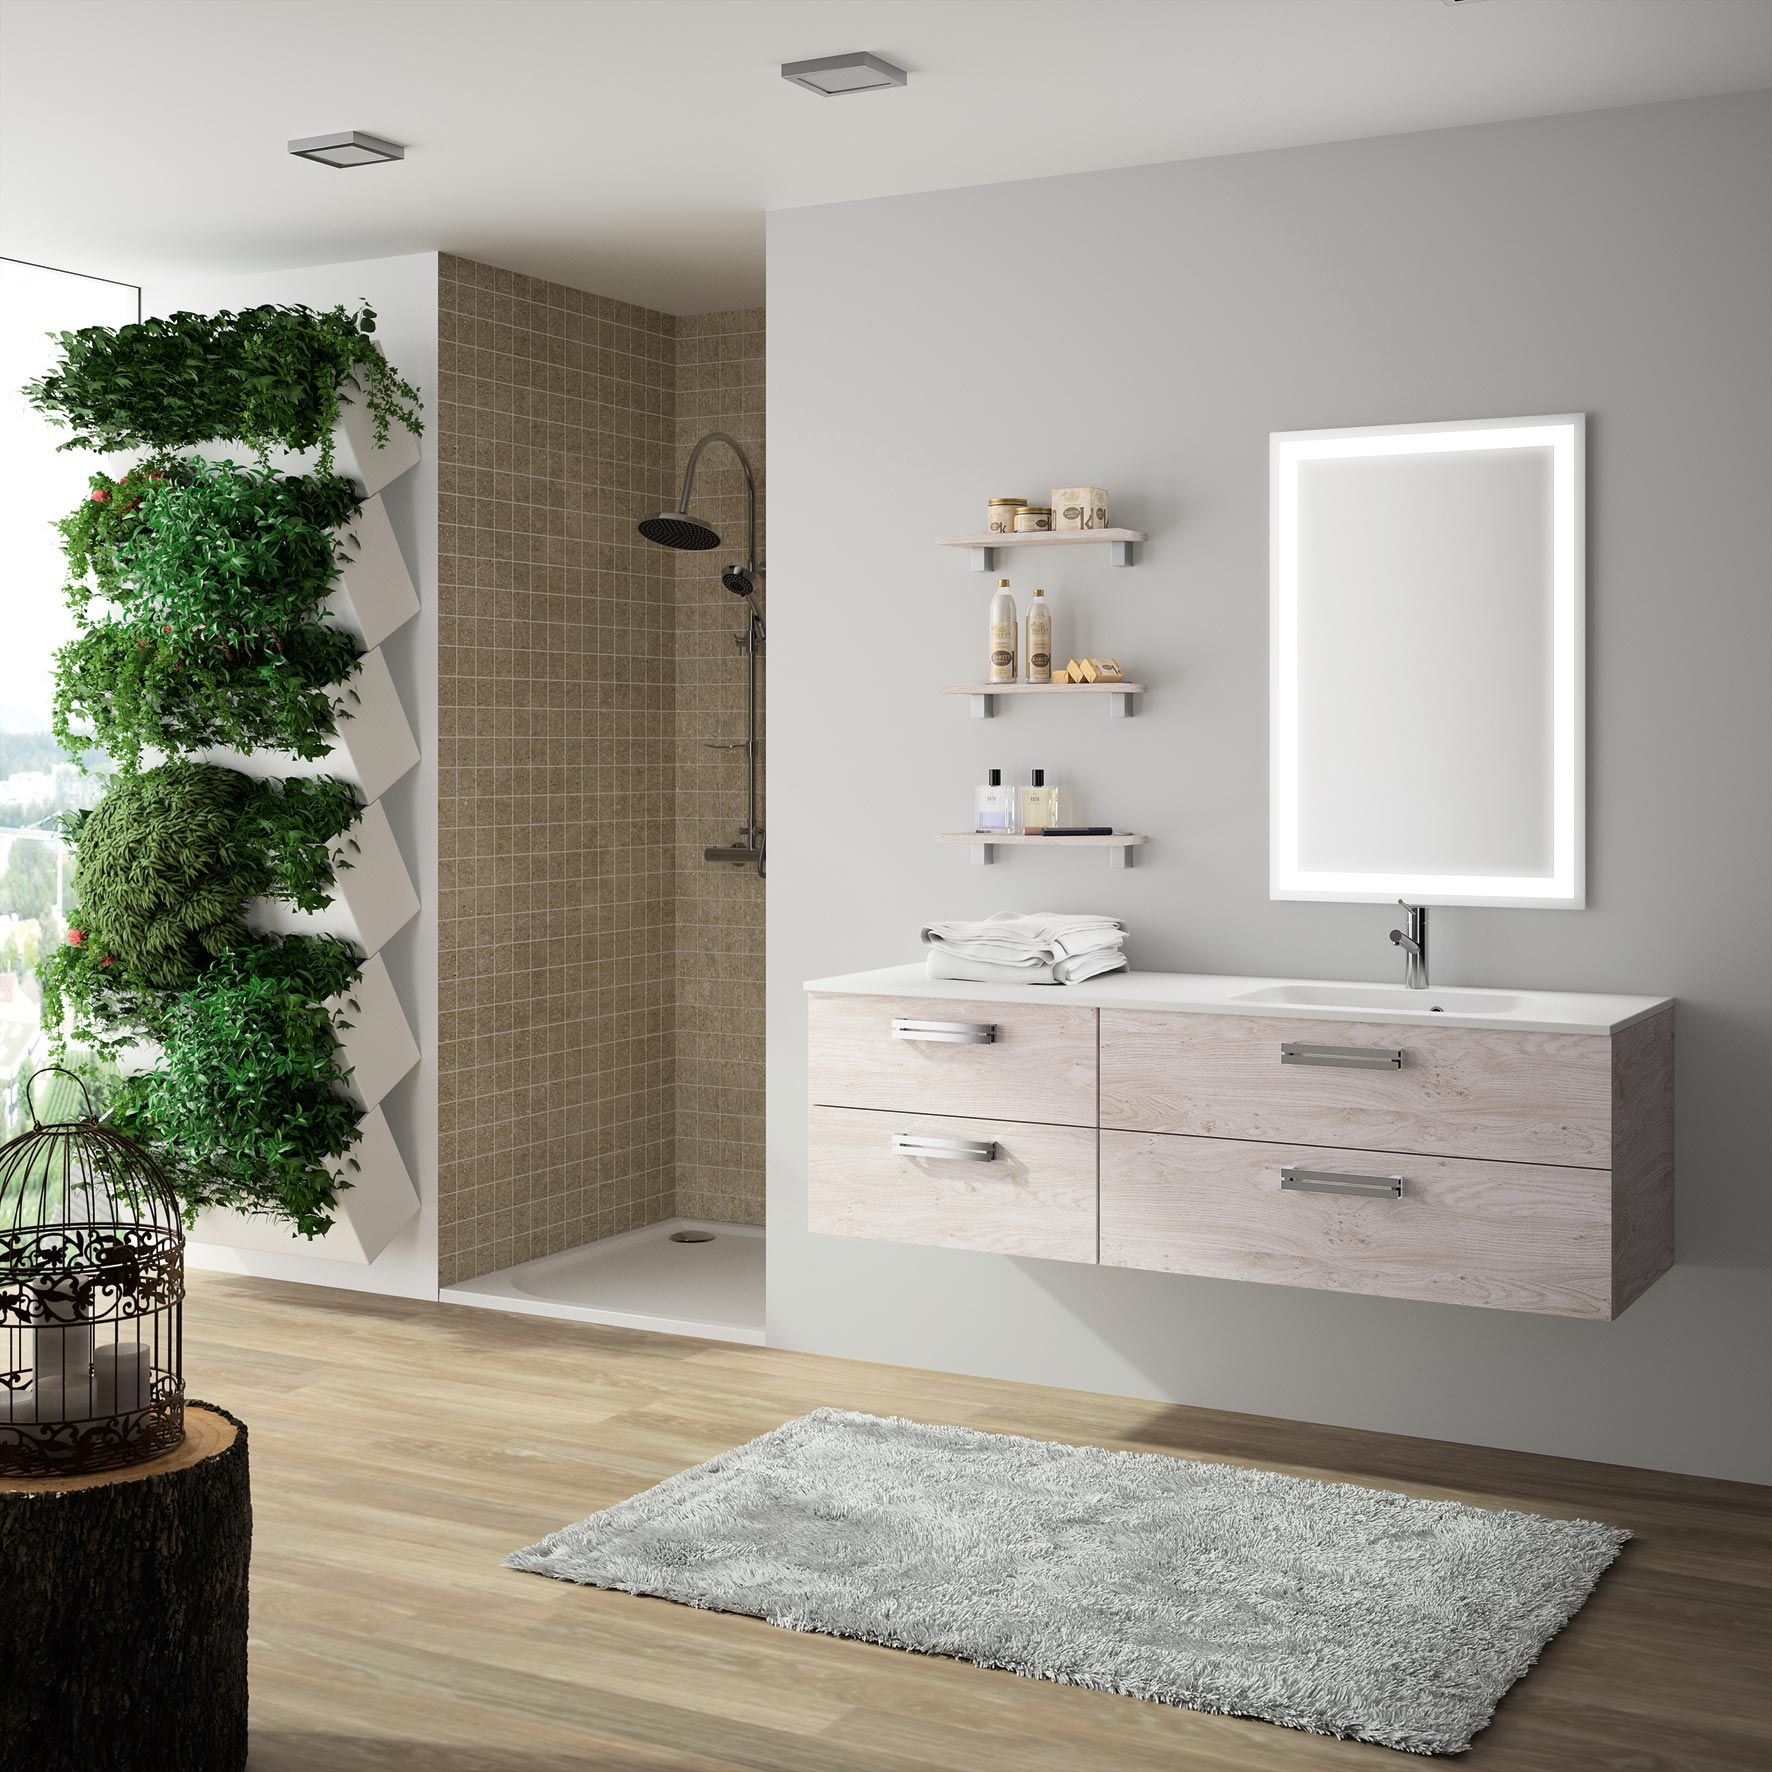 Meuble de salle de bain Cedam - gamme Zoé. Ce modèle aux teintes ...